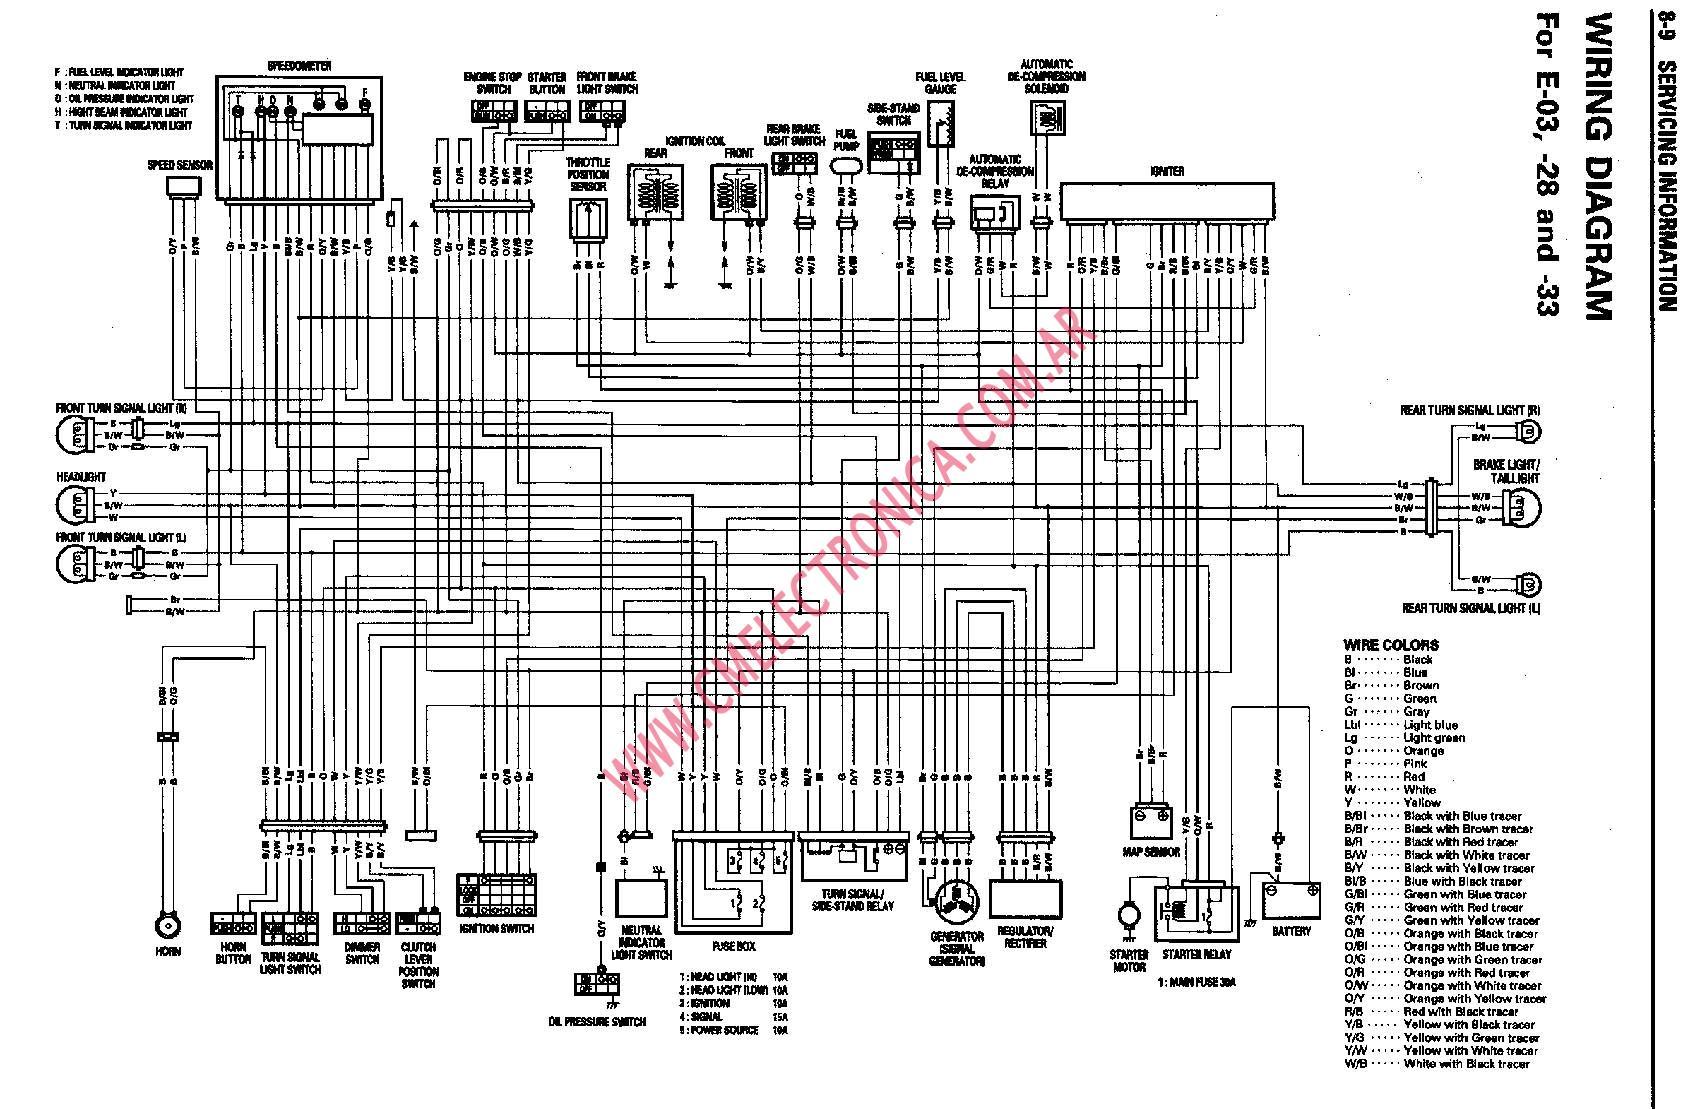 Ausgezeichnet Sv650 Schaltplan Galerie - Verdrahtungsideen - korsmi.info